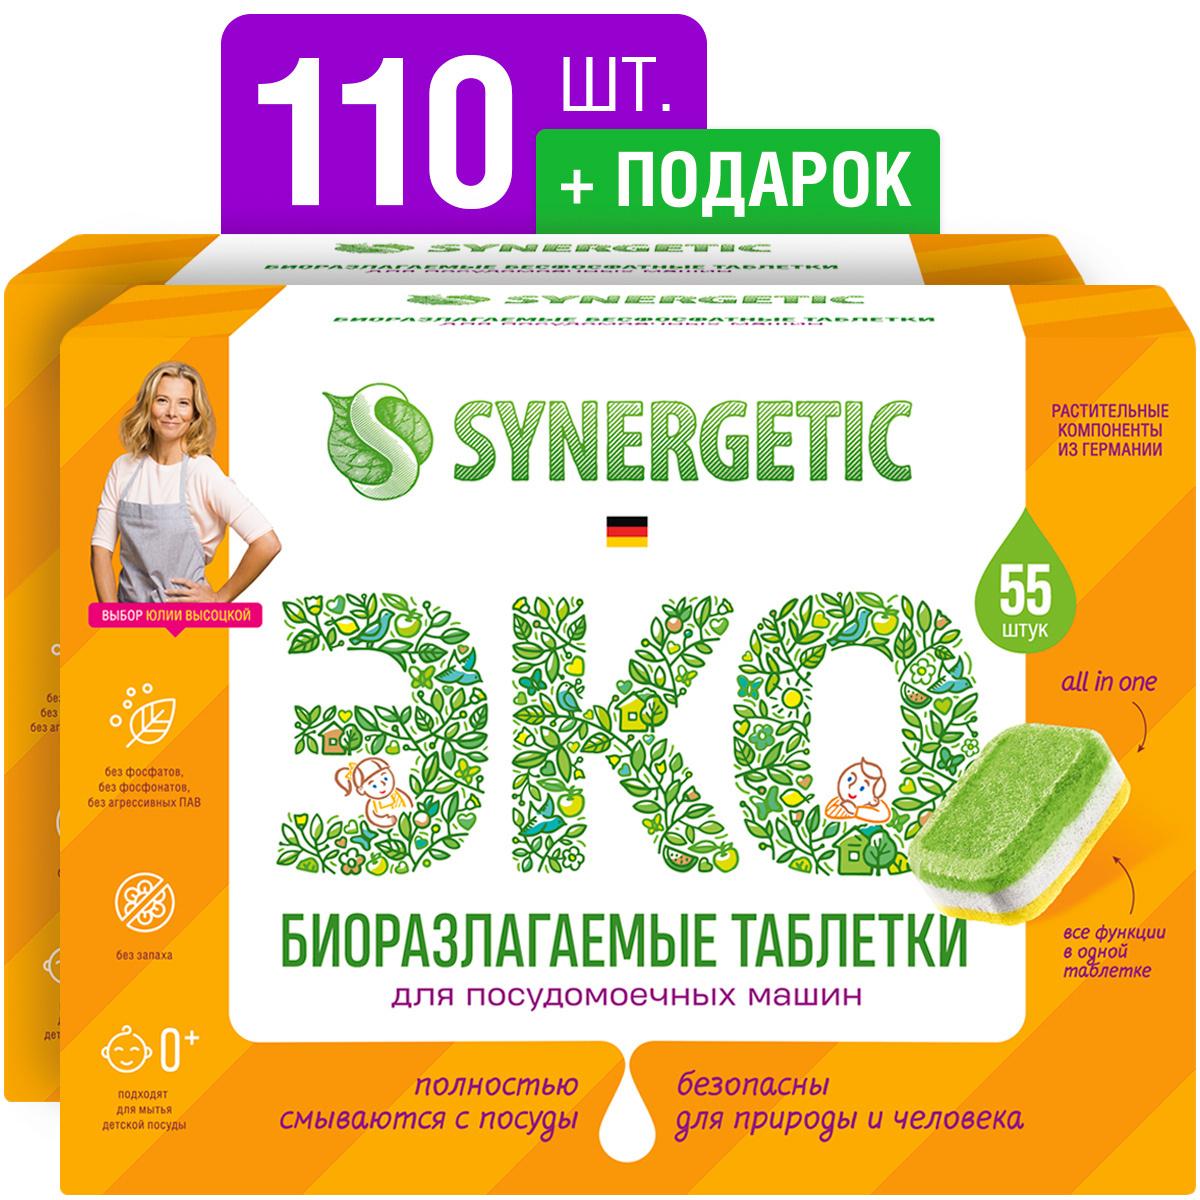 Таблетки для посудомоечных машин SYNERGETIC, бесфосфатные, 55 шт. + 55 шт.  #1